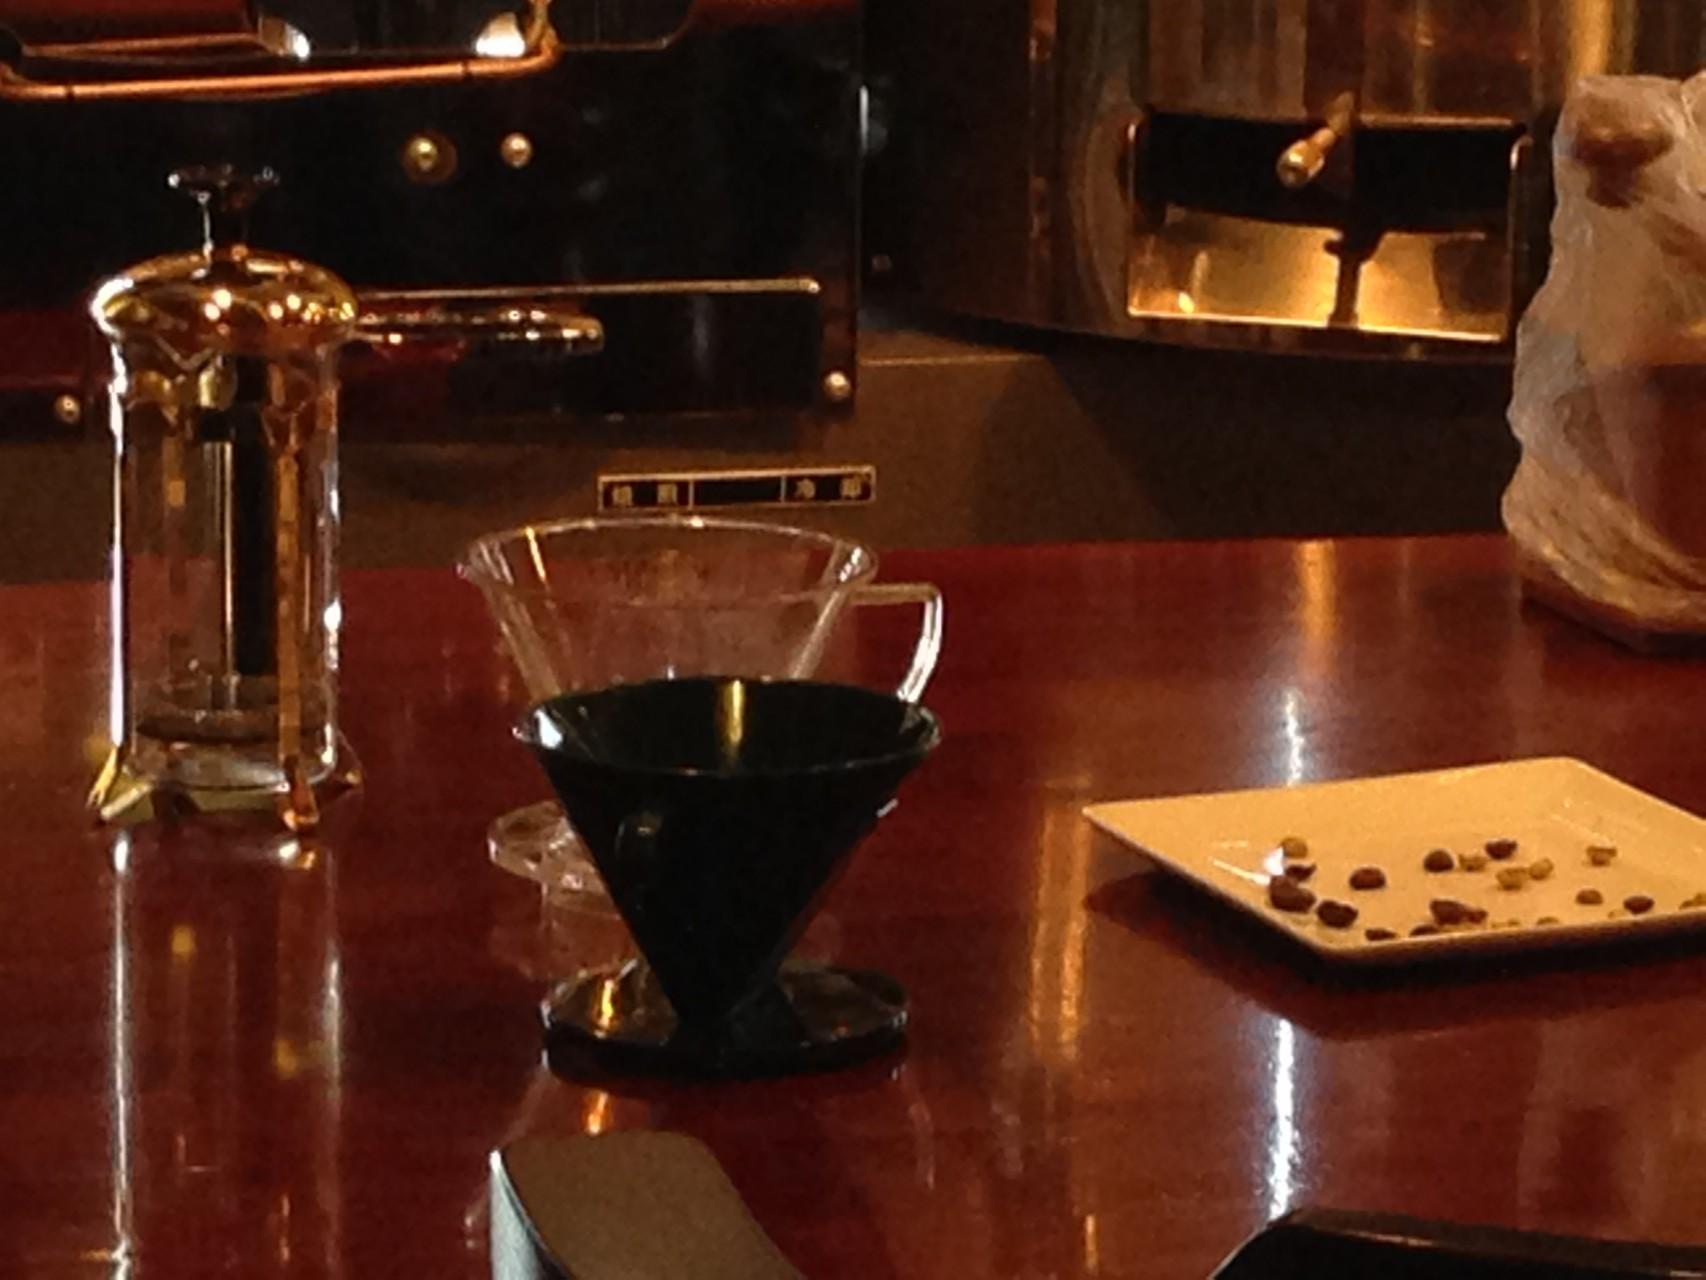 器具の違いによる飲み比べ